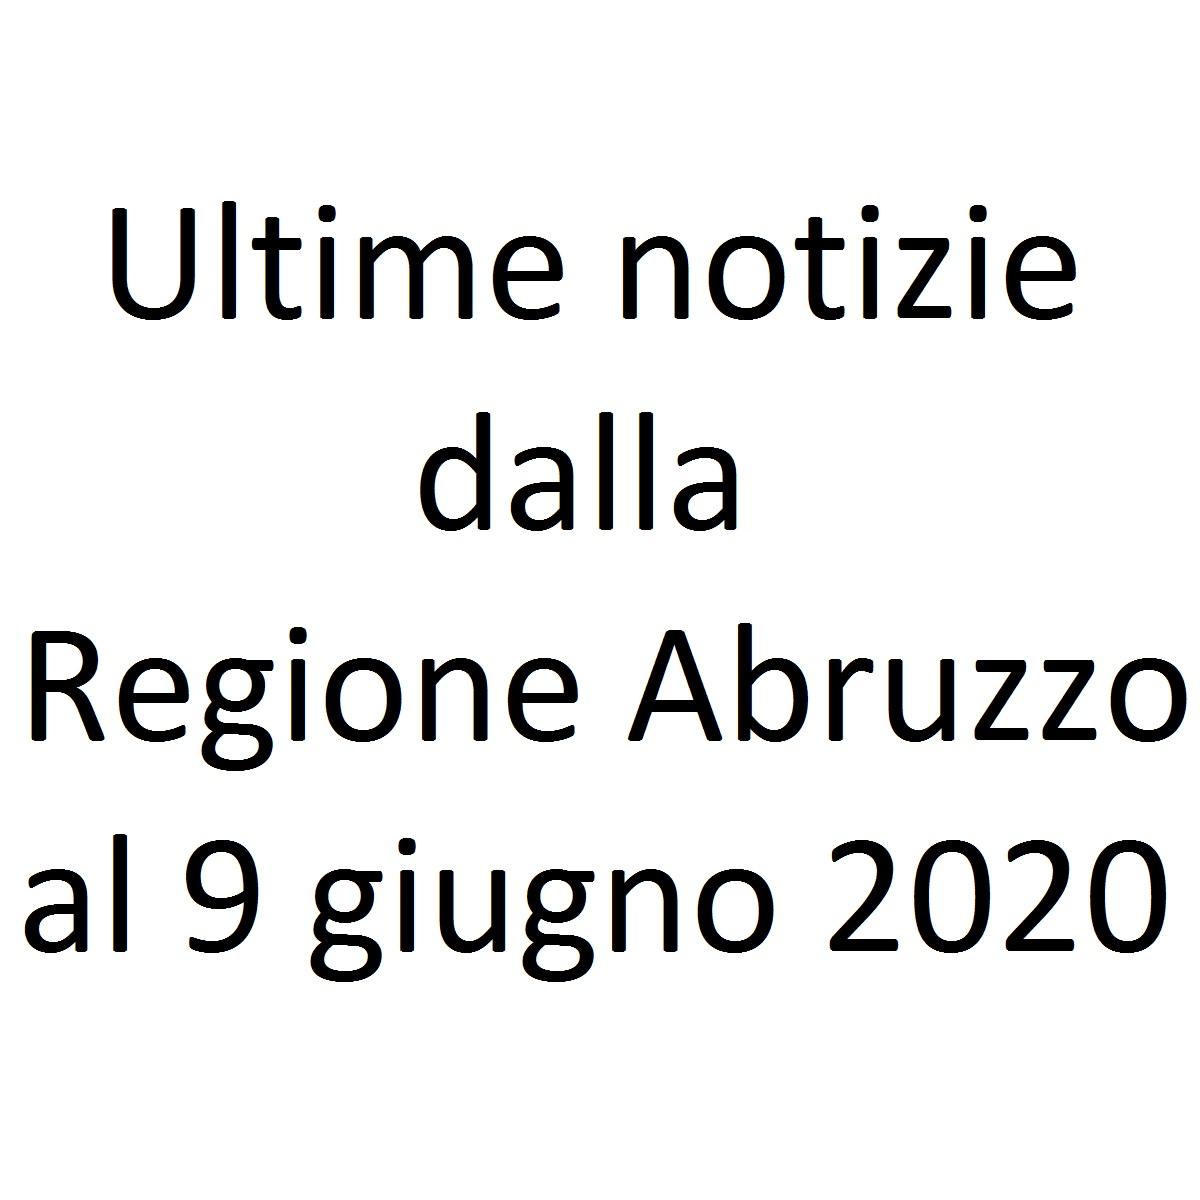 Ultime notizie dalla Regione Abruzzo al 9 giugno 2020 foto